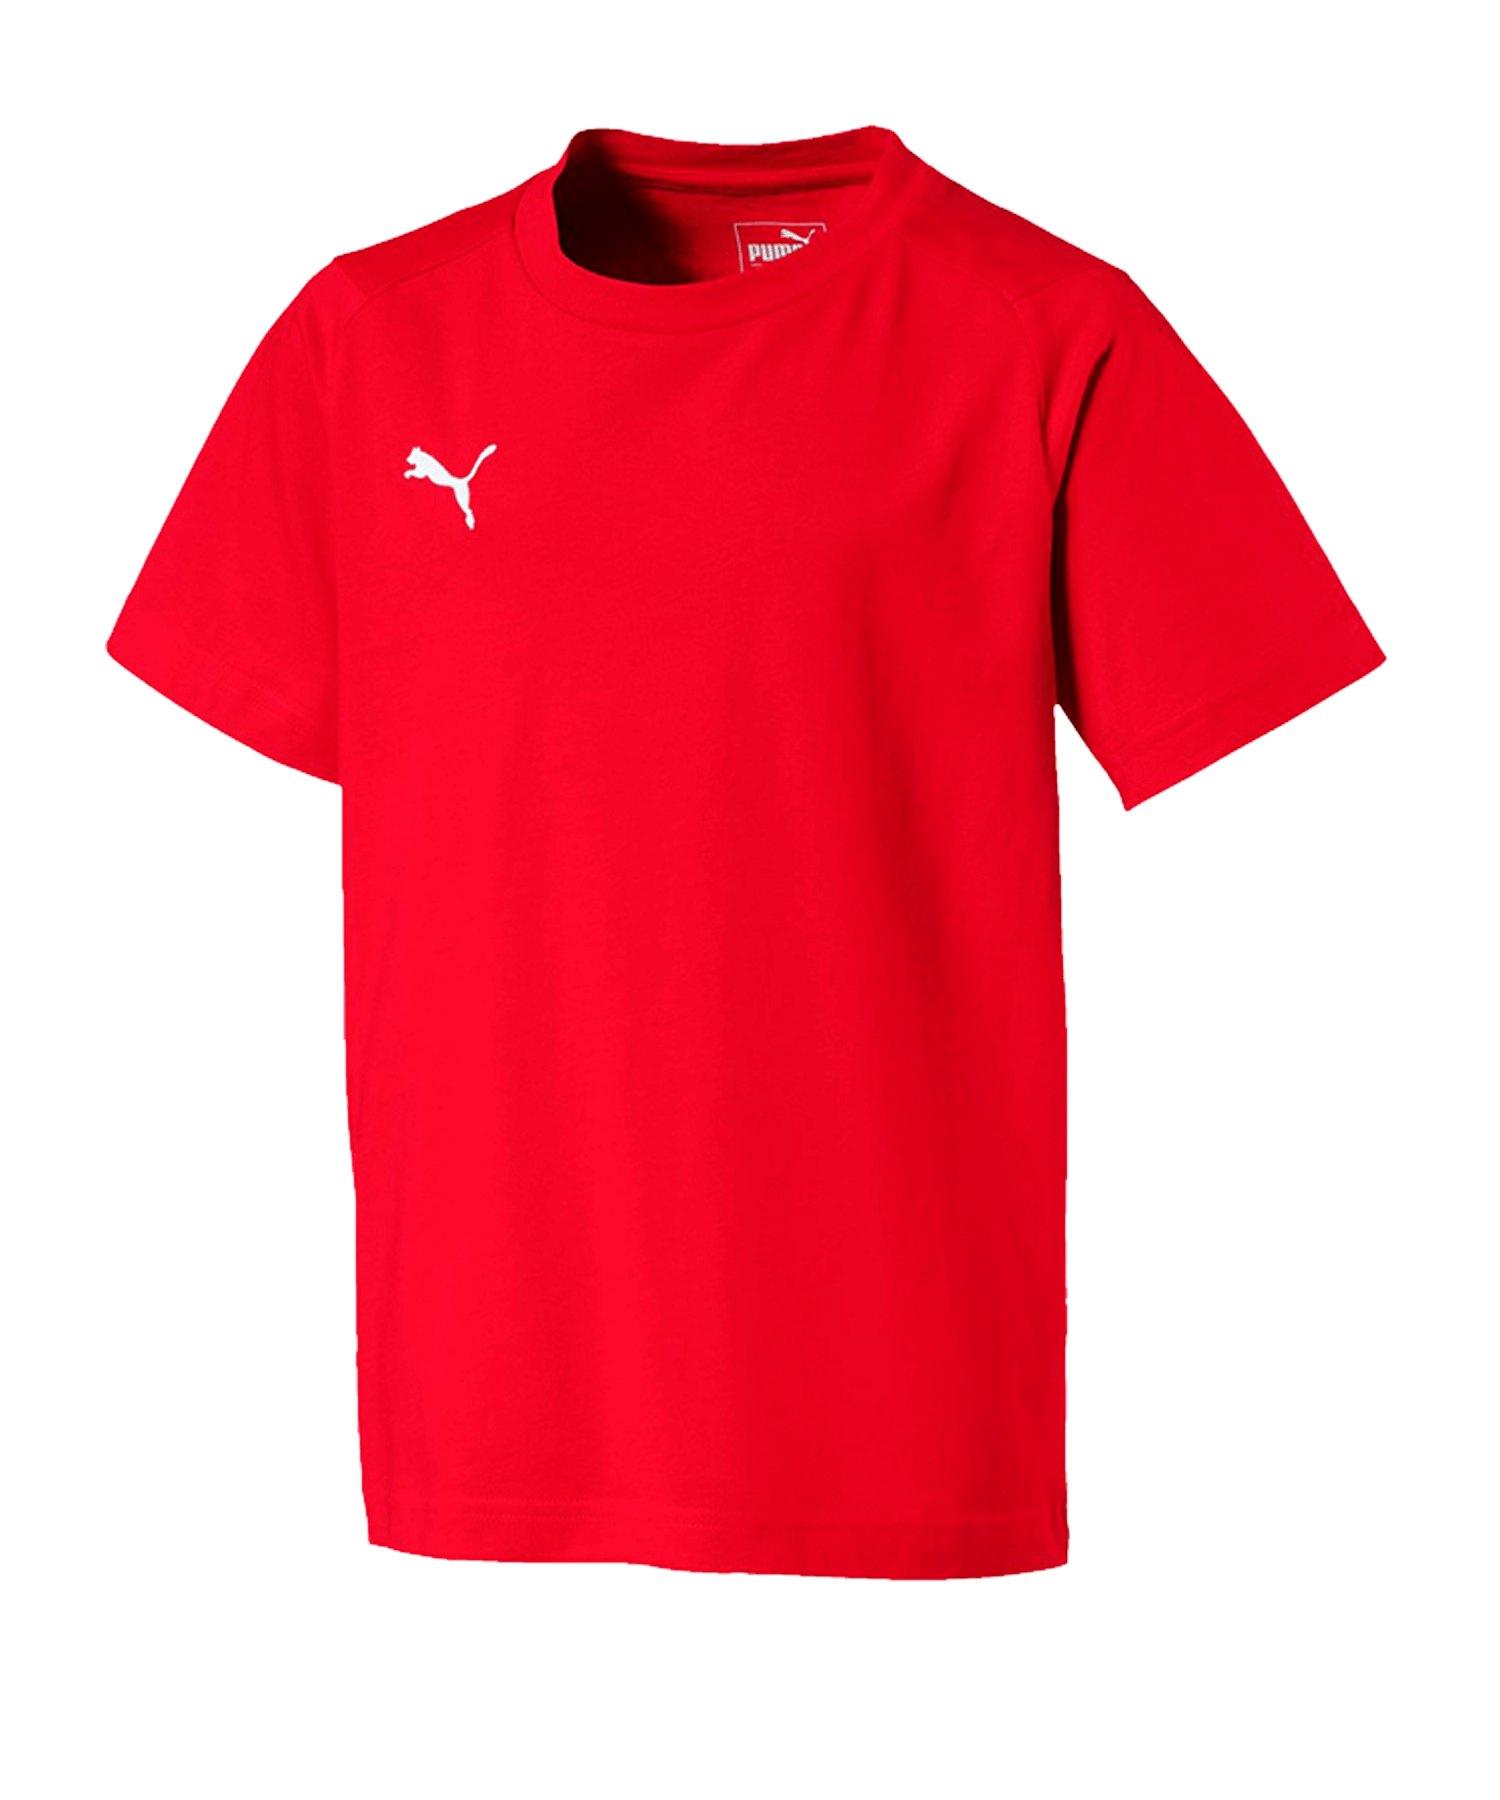 PUMA LIGA Casuals T-Shirt Kids Rot F01 - rot